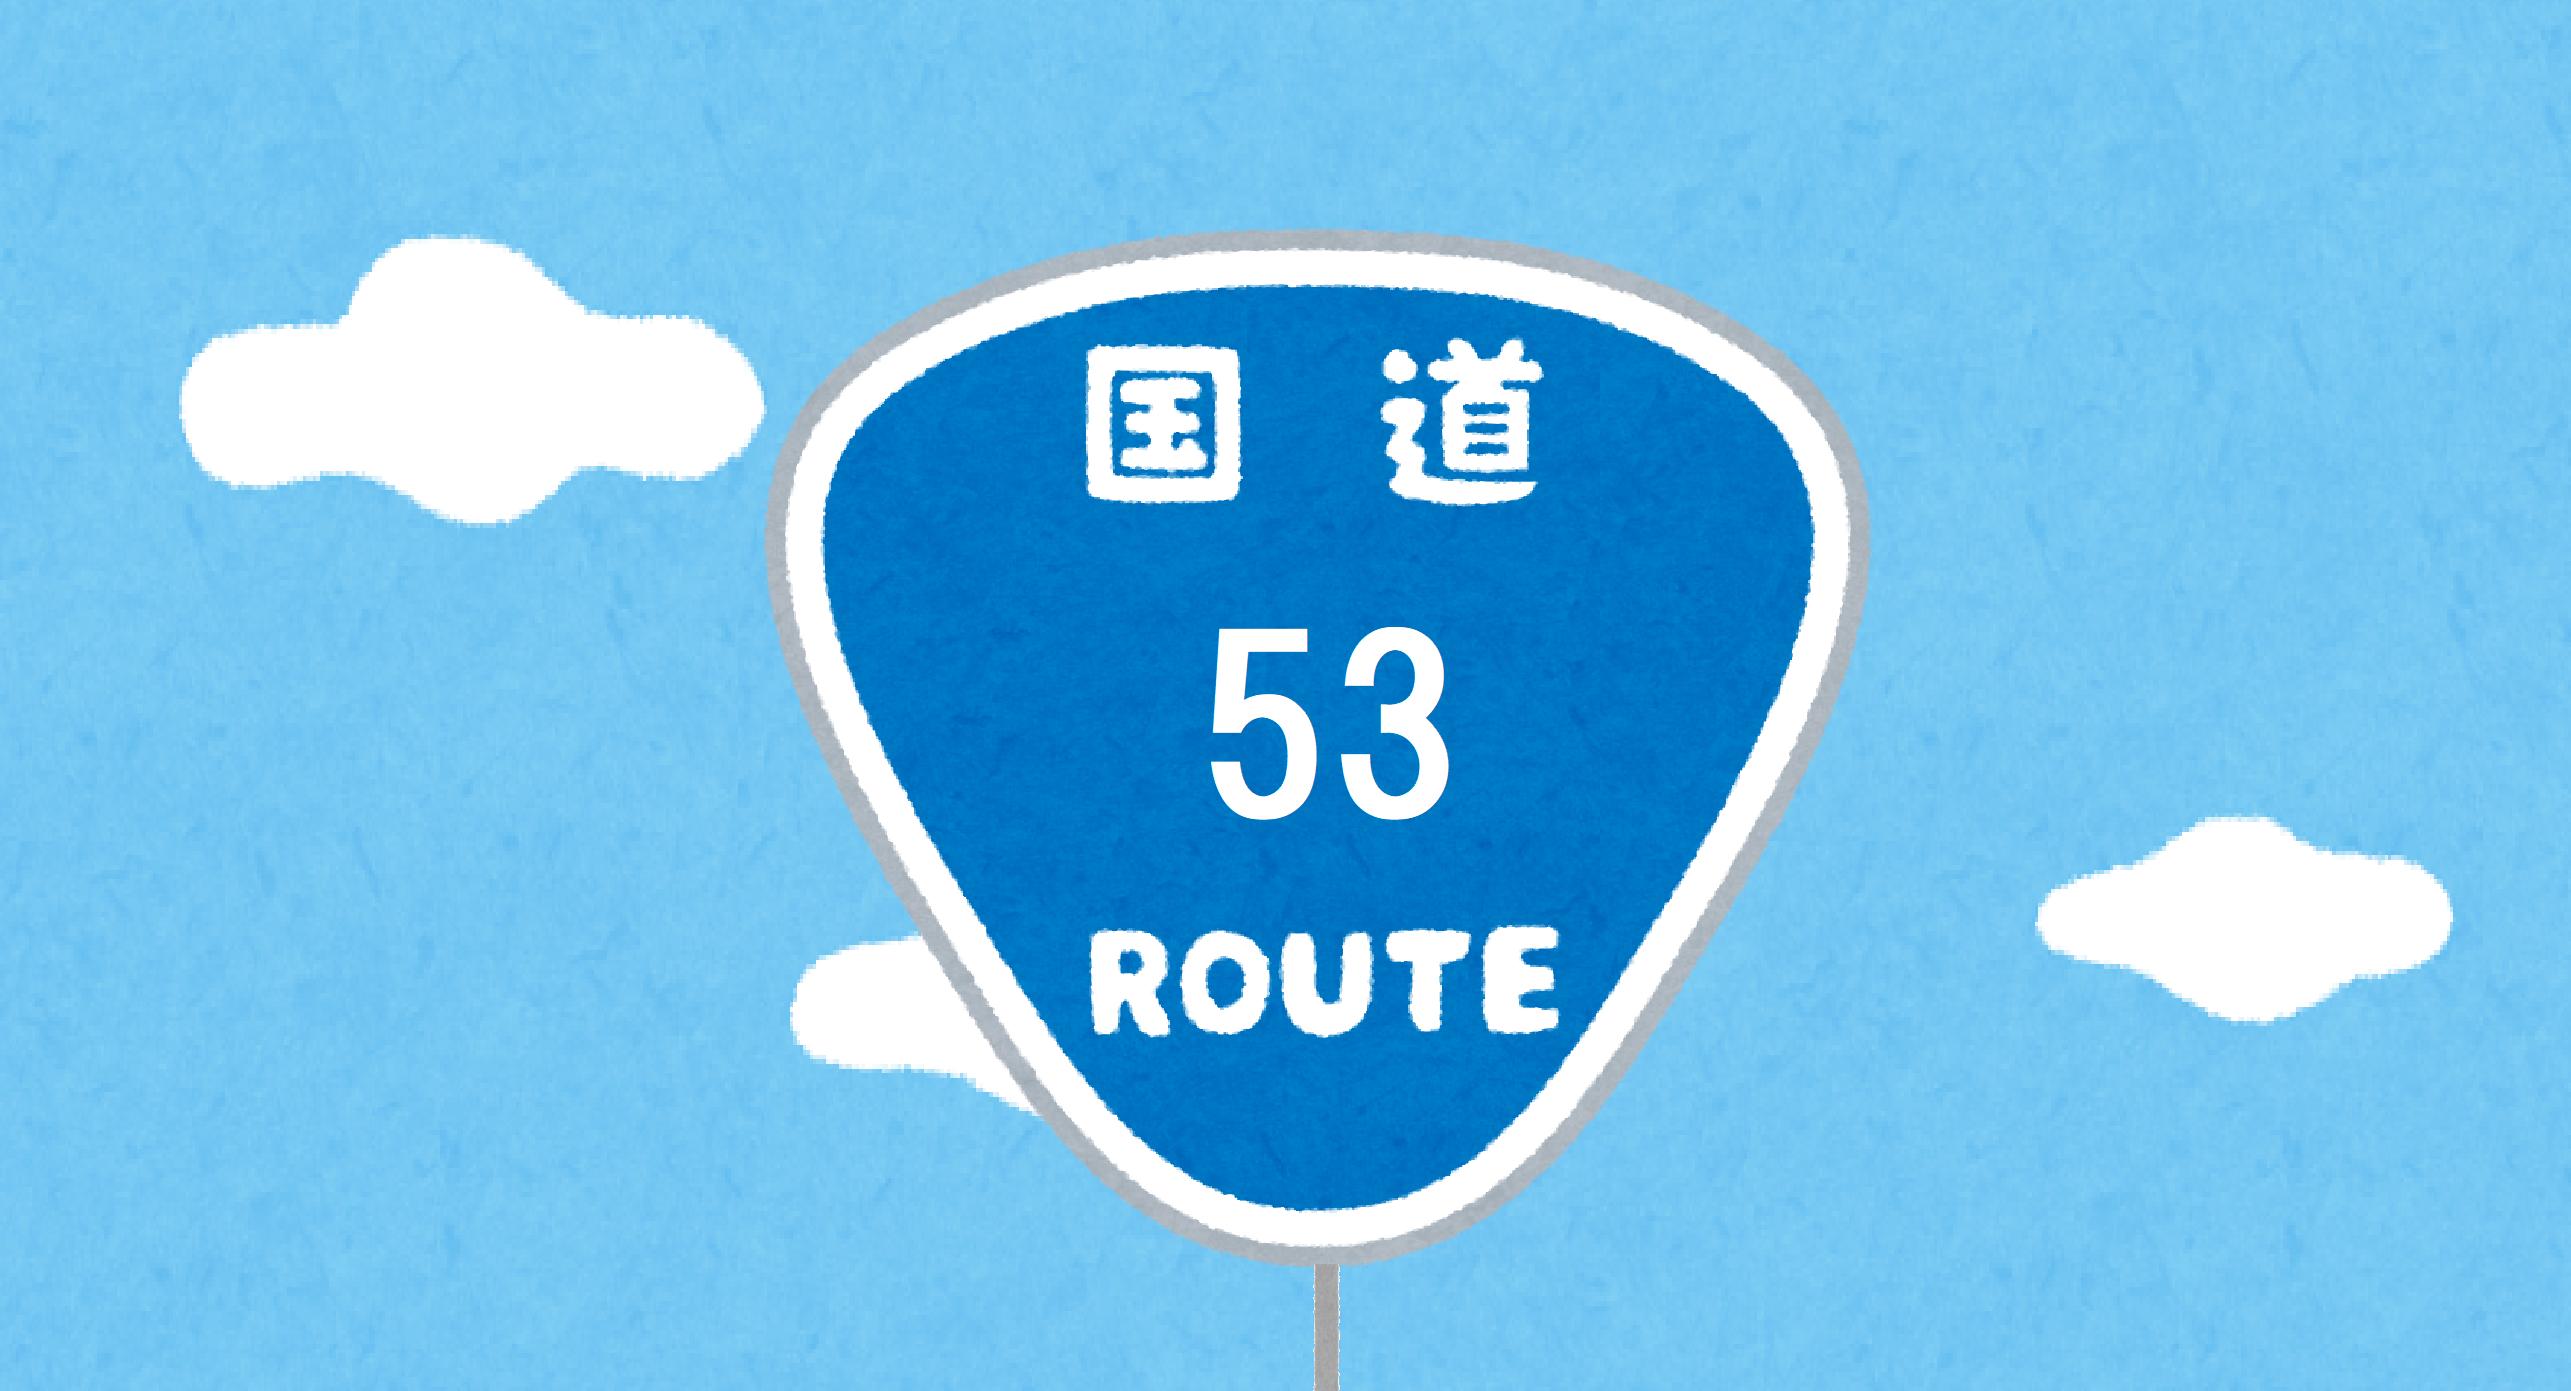 「ルート53」のイメージ